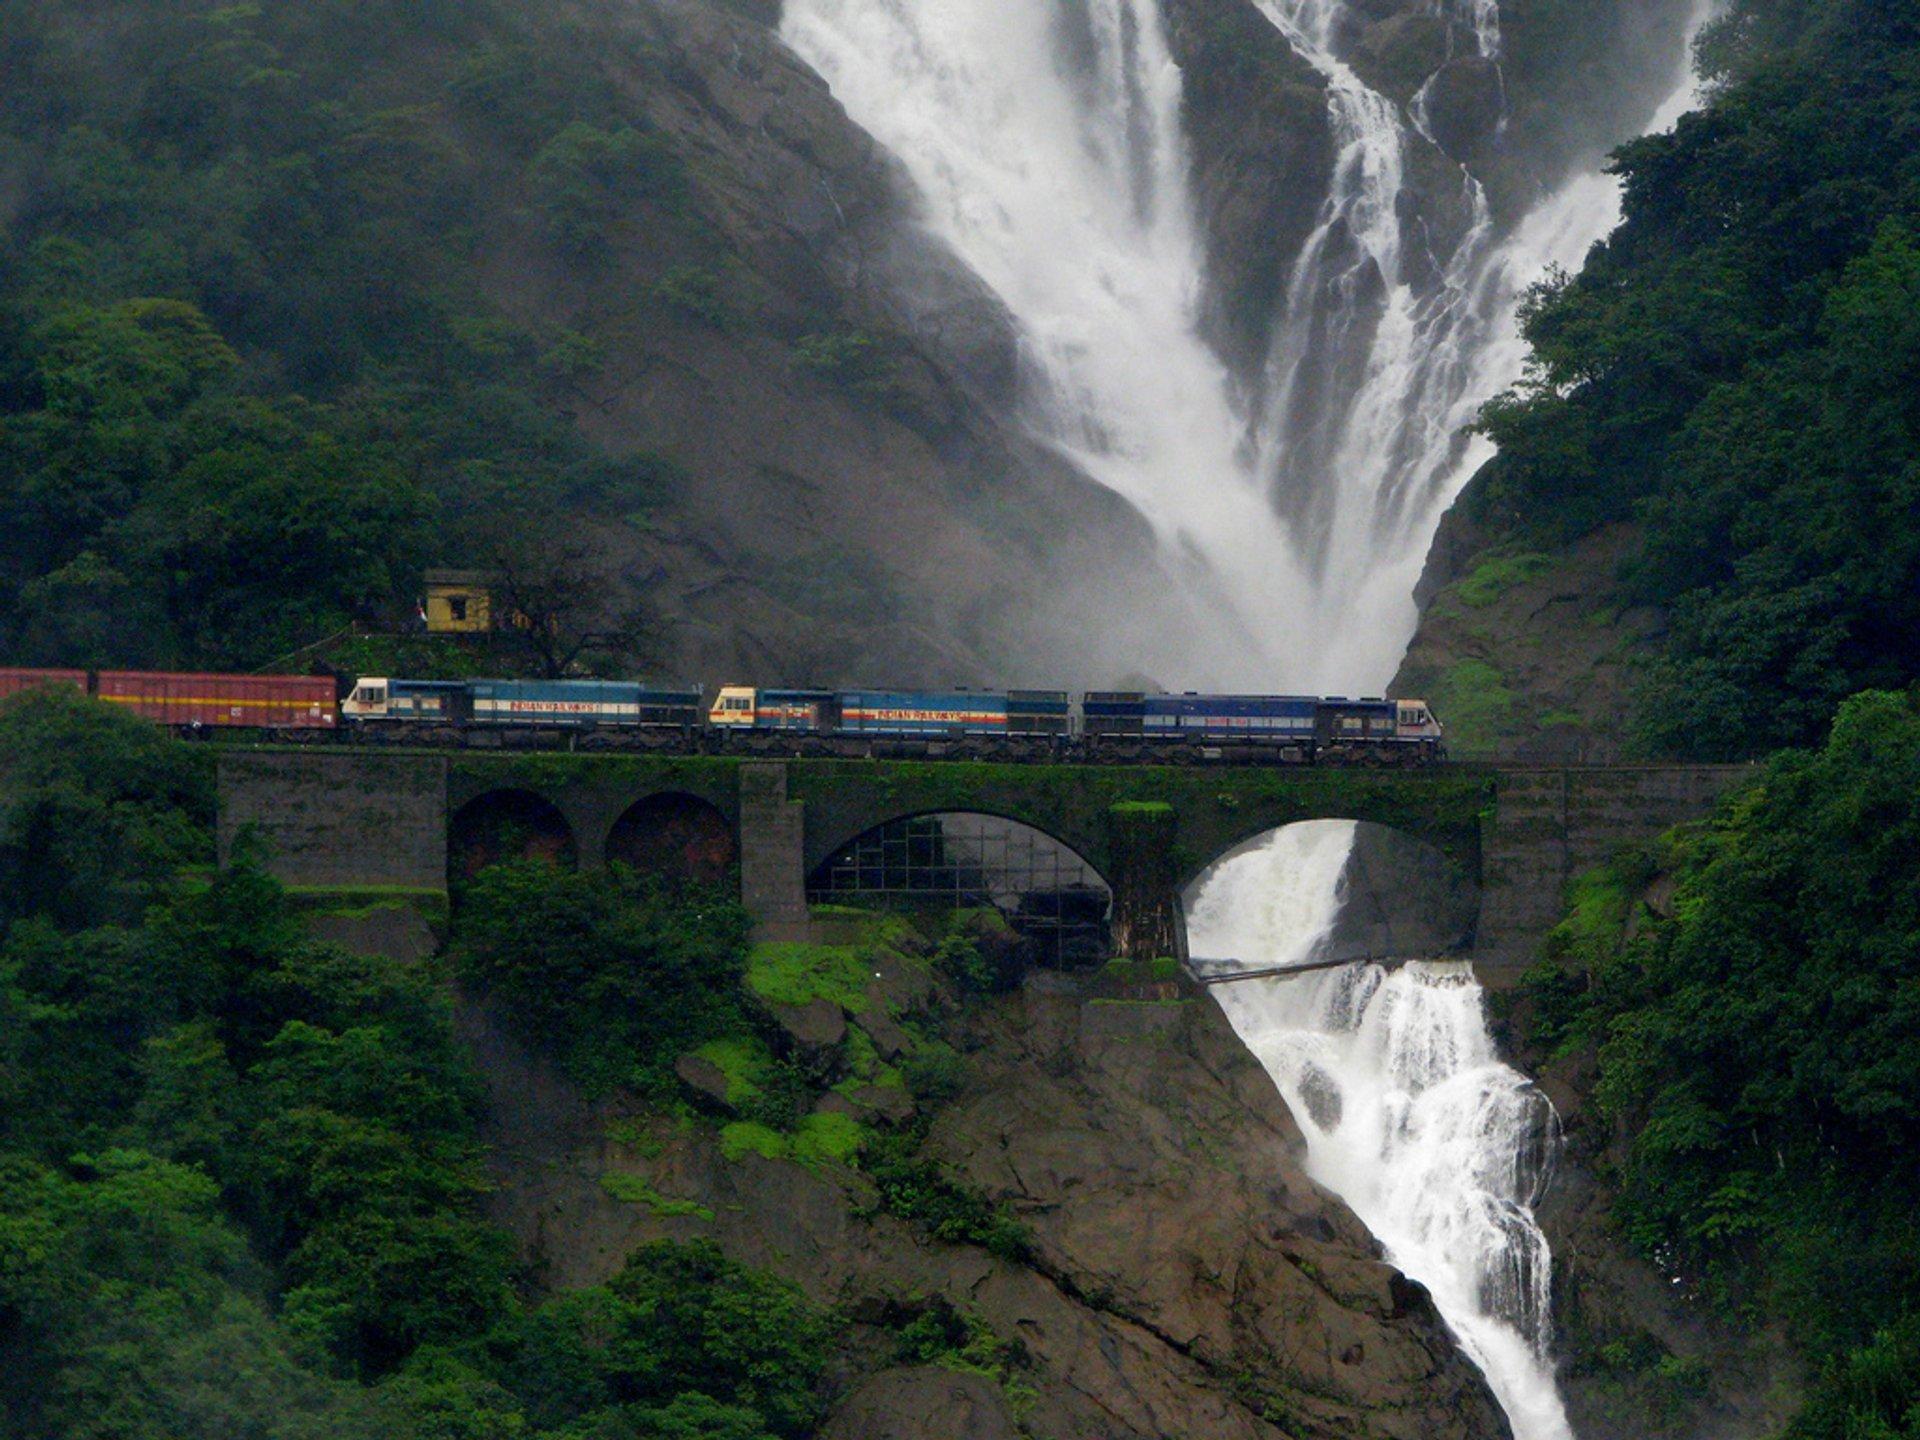 Waterfalls at Peak Flow in Goa 2020 - Best Time